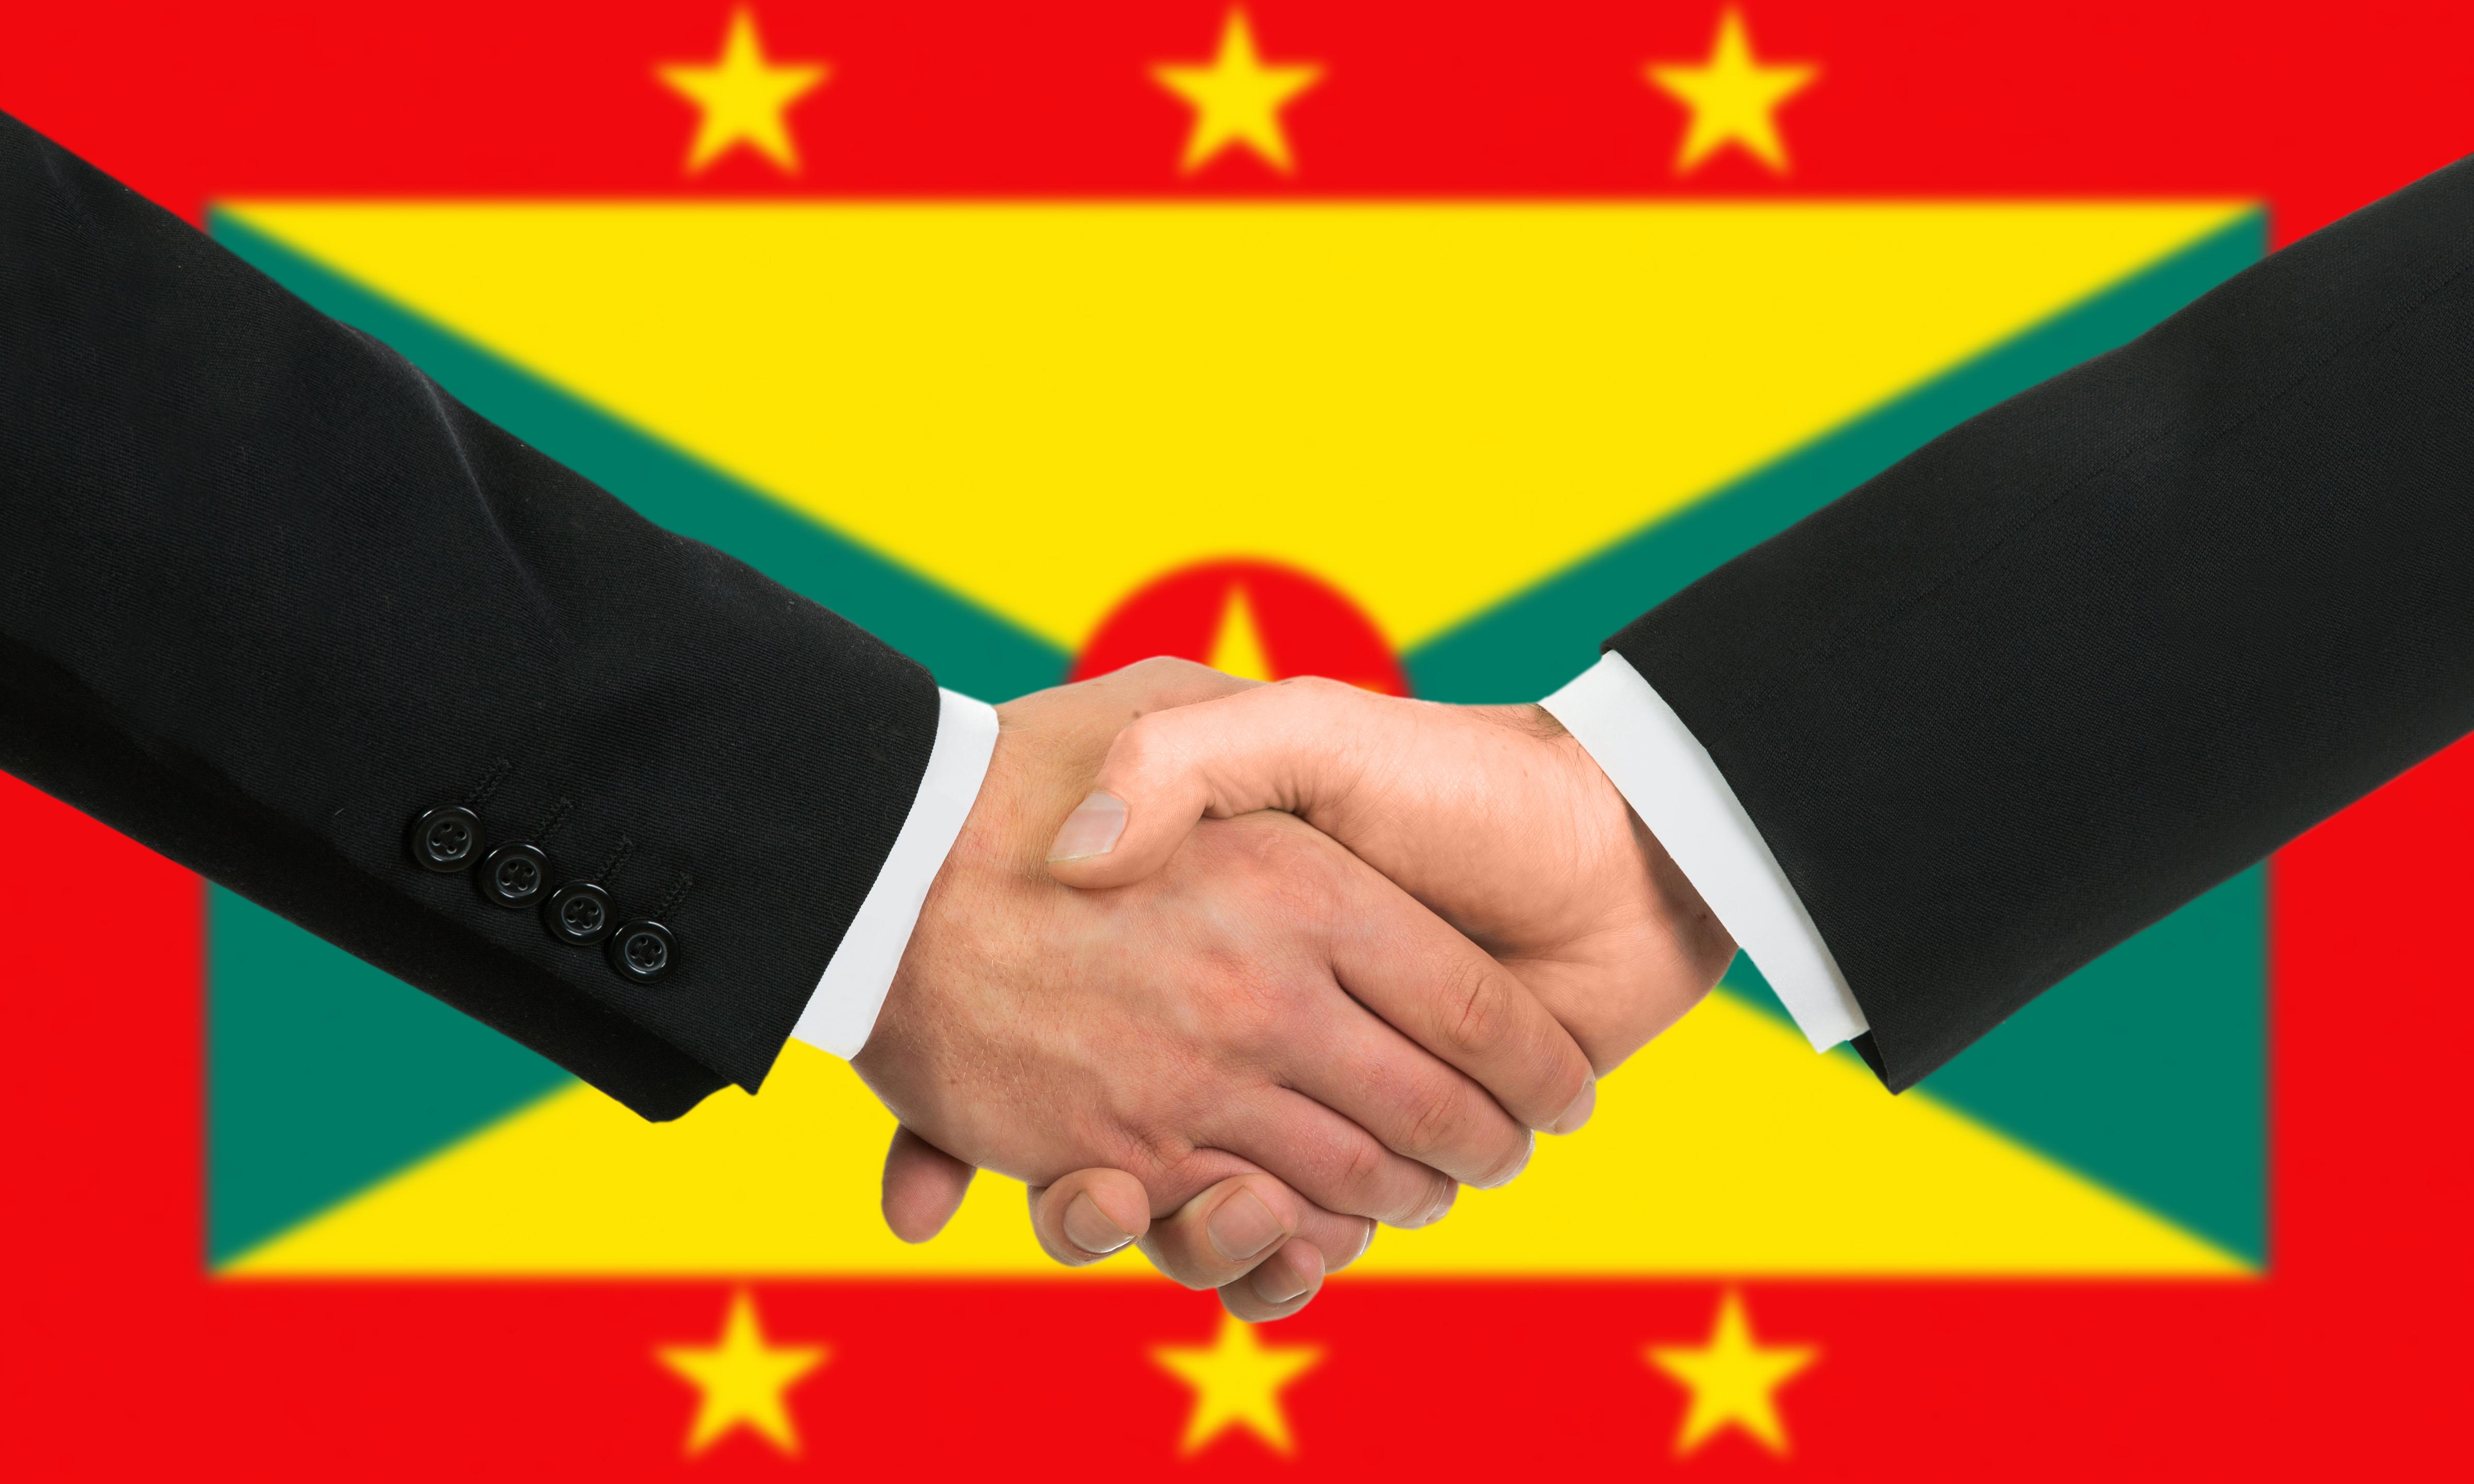 Рукопожатие на фоне флага Гренады, куда можно переехать по трудоустройству